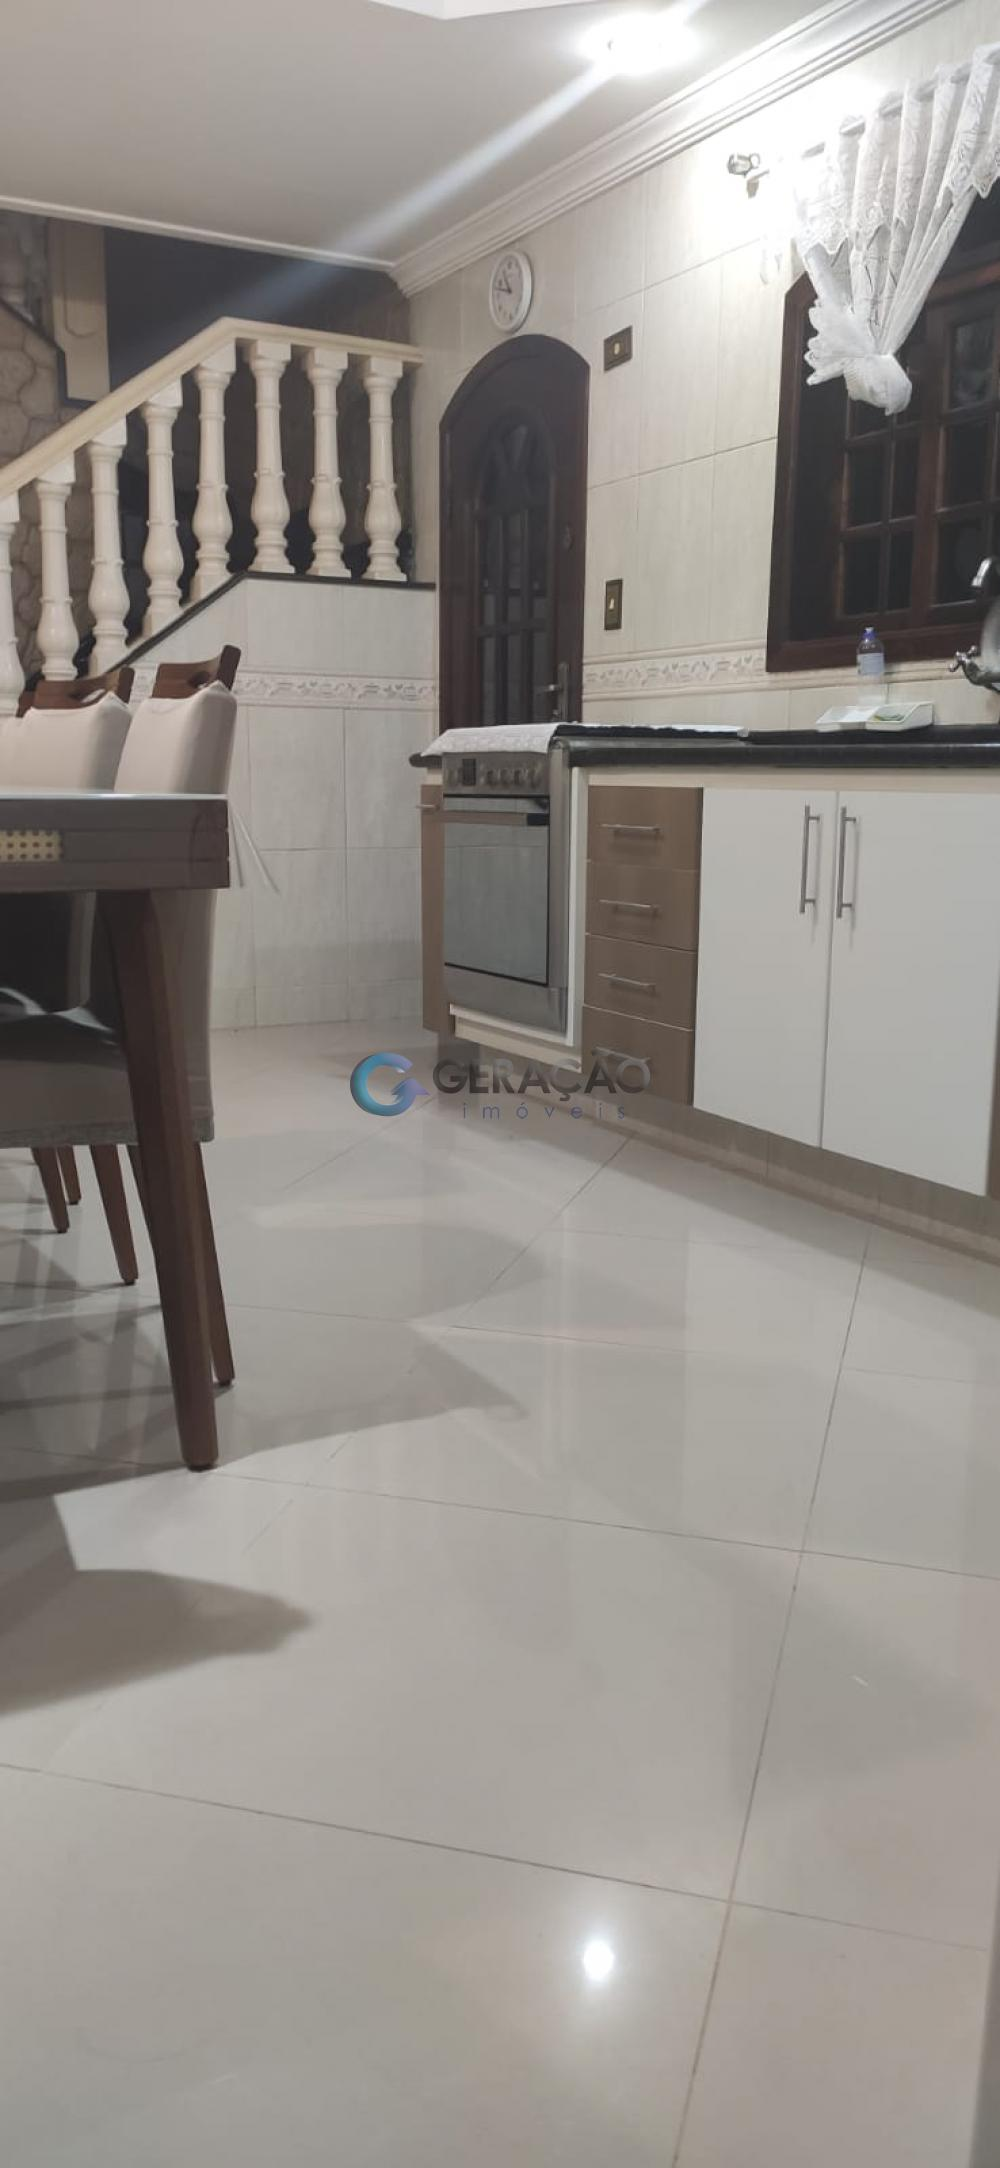 Comprar Casa / Padrão em São José dos Campos R$ 490.000,00 - Foto 5